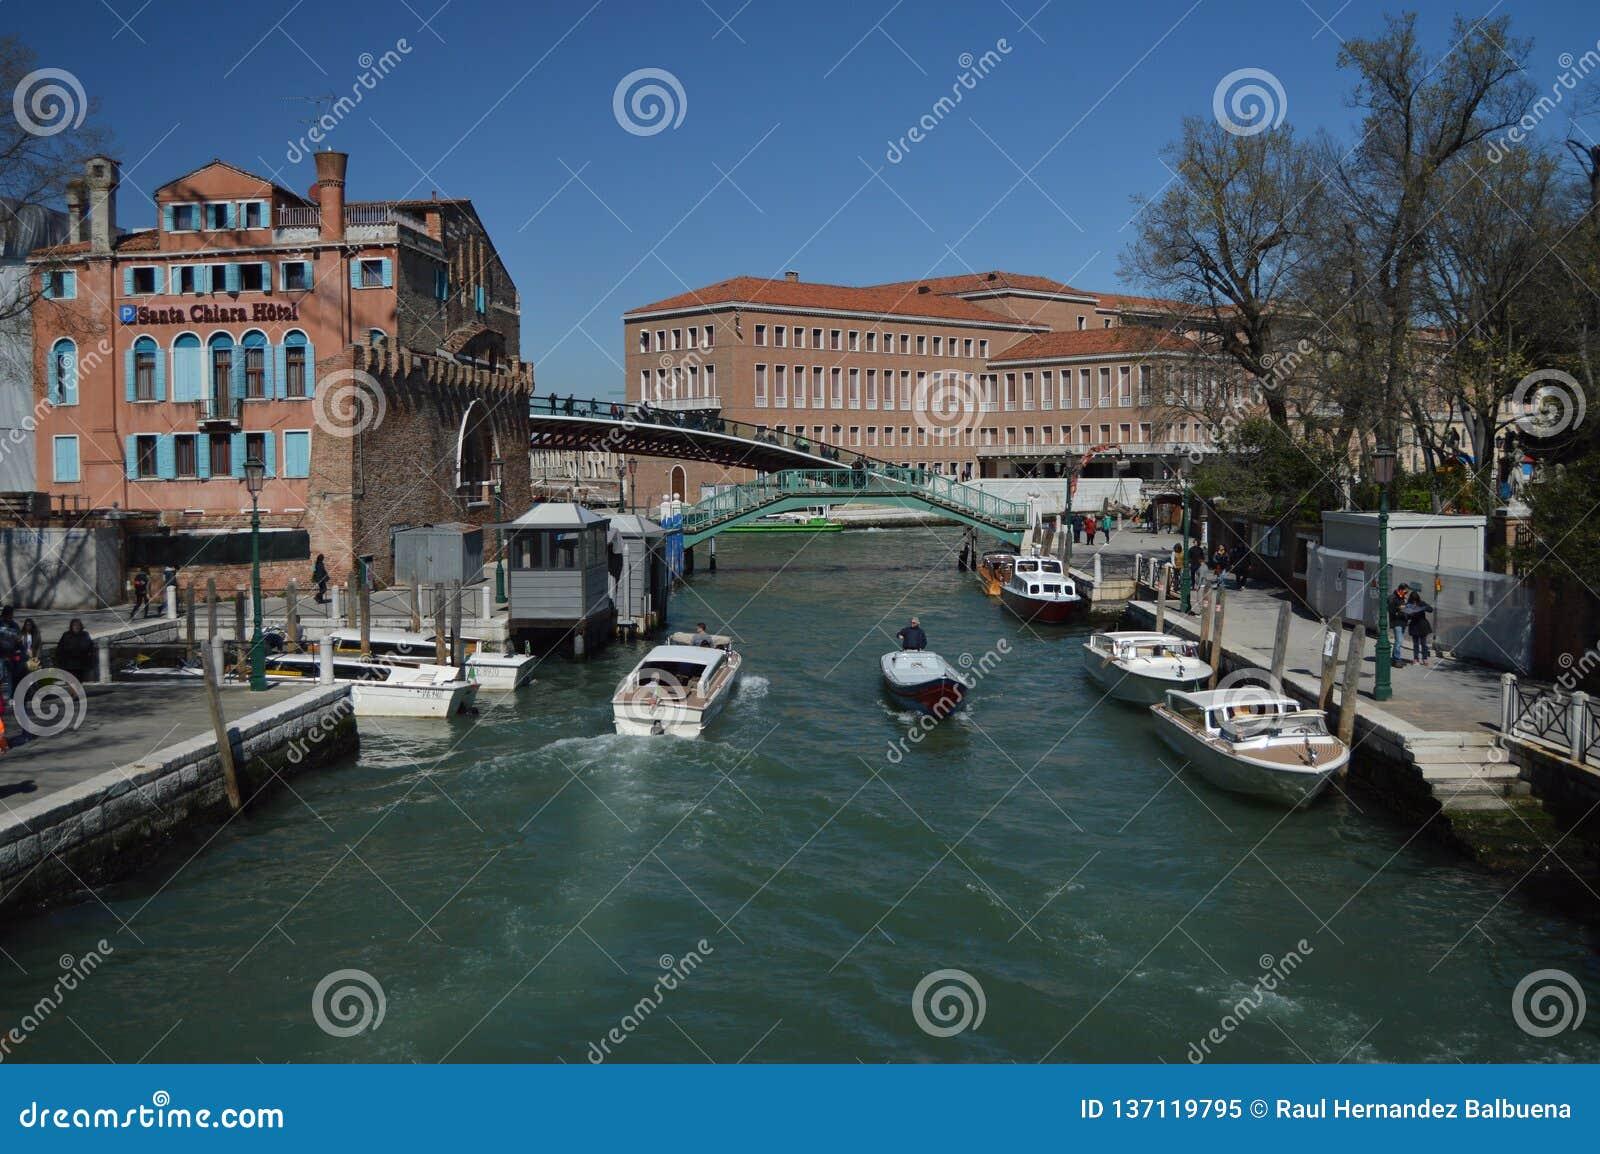 Novo River Canal In Santa Chiara With Nice Boats Sailing em Veneza Curso, feriados, arquitetura 28 de março de 2015 Veneza, Vênet